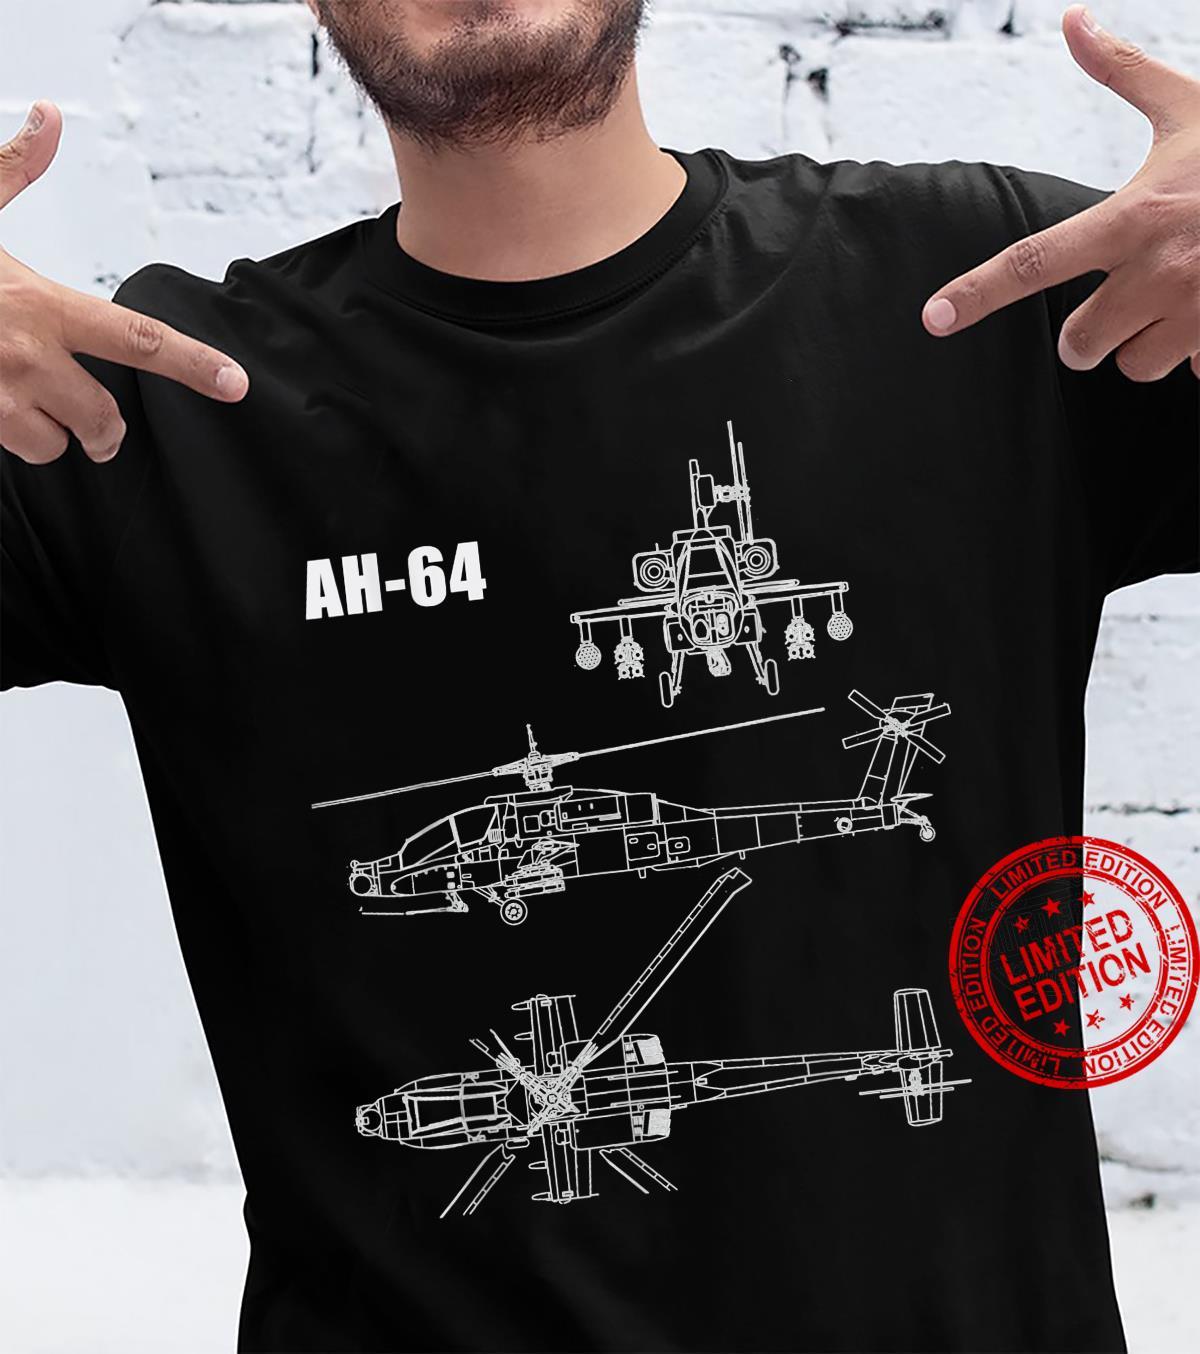 AH-64 Helicopter Blueprint Aircraft Shirt